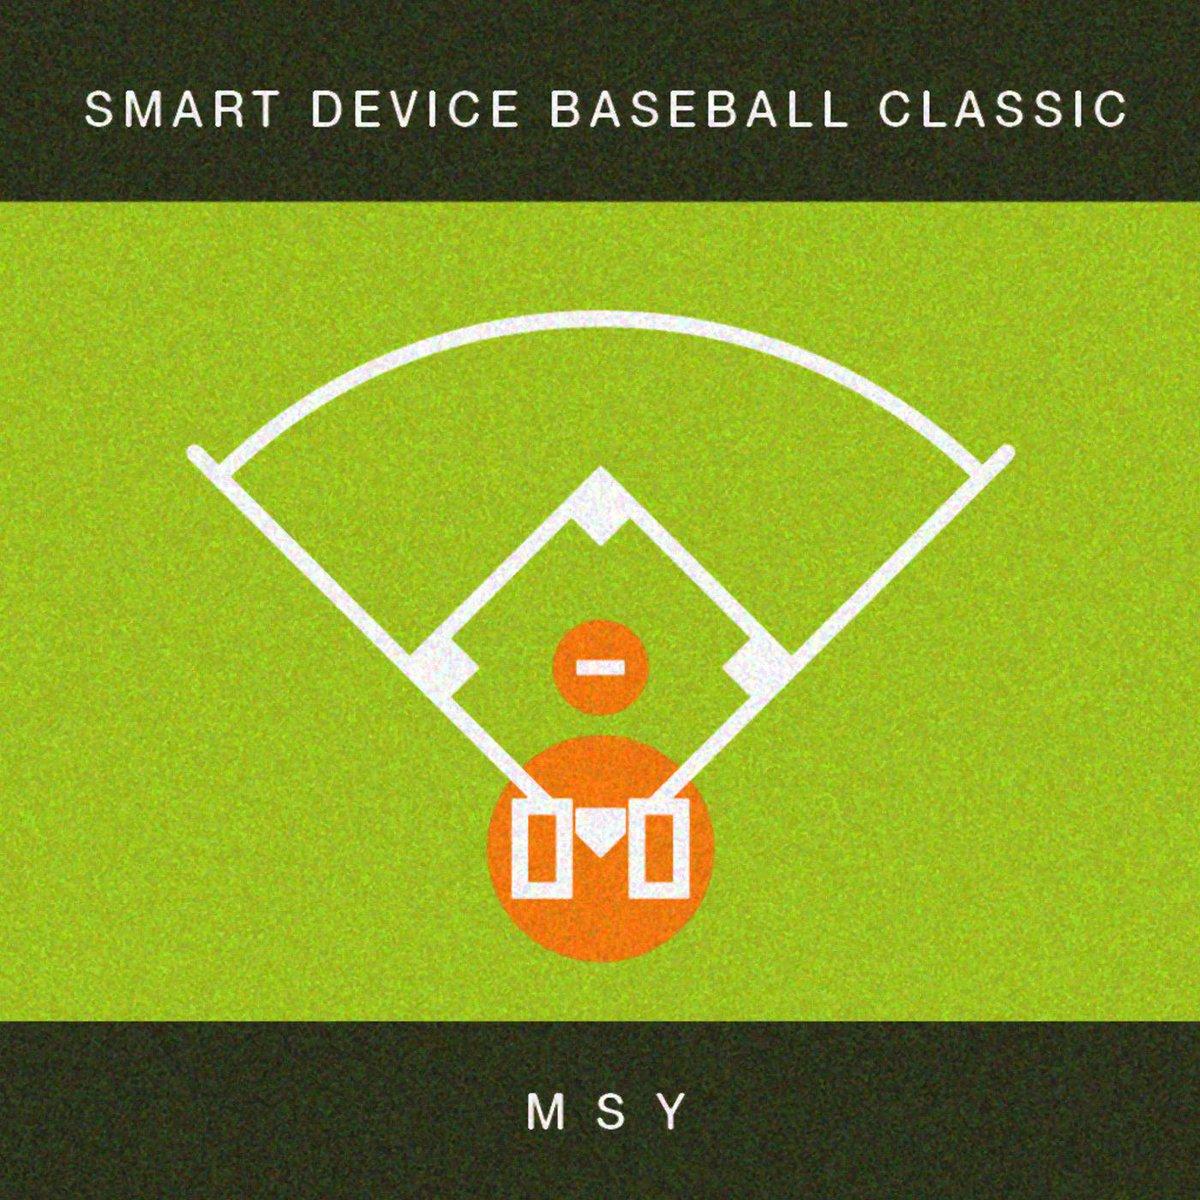 """【拡散希望】MSYニューアルバム """"Smart Device Baseball Classic"""" いよいよ、あと1時間ほどで iTunesにてリリースされます!よろしくお願いします! http://t.co/CPets5tVEH"""